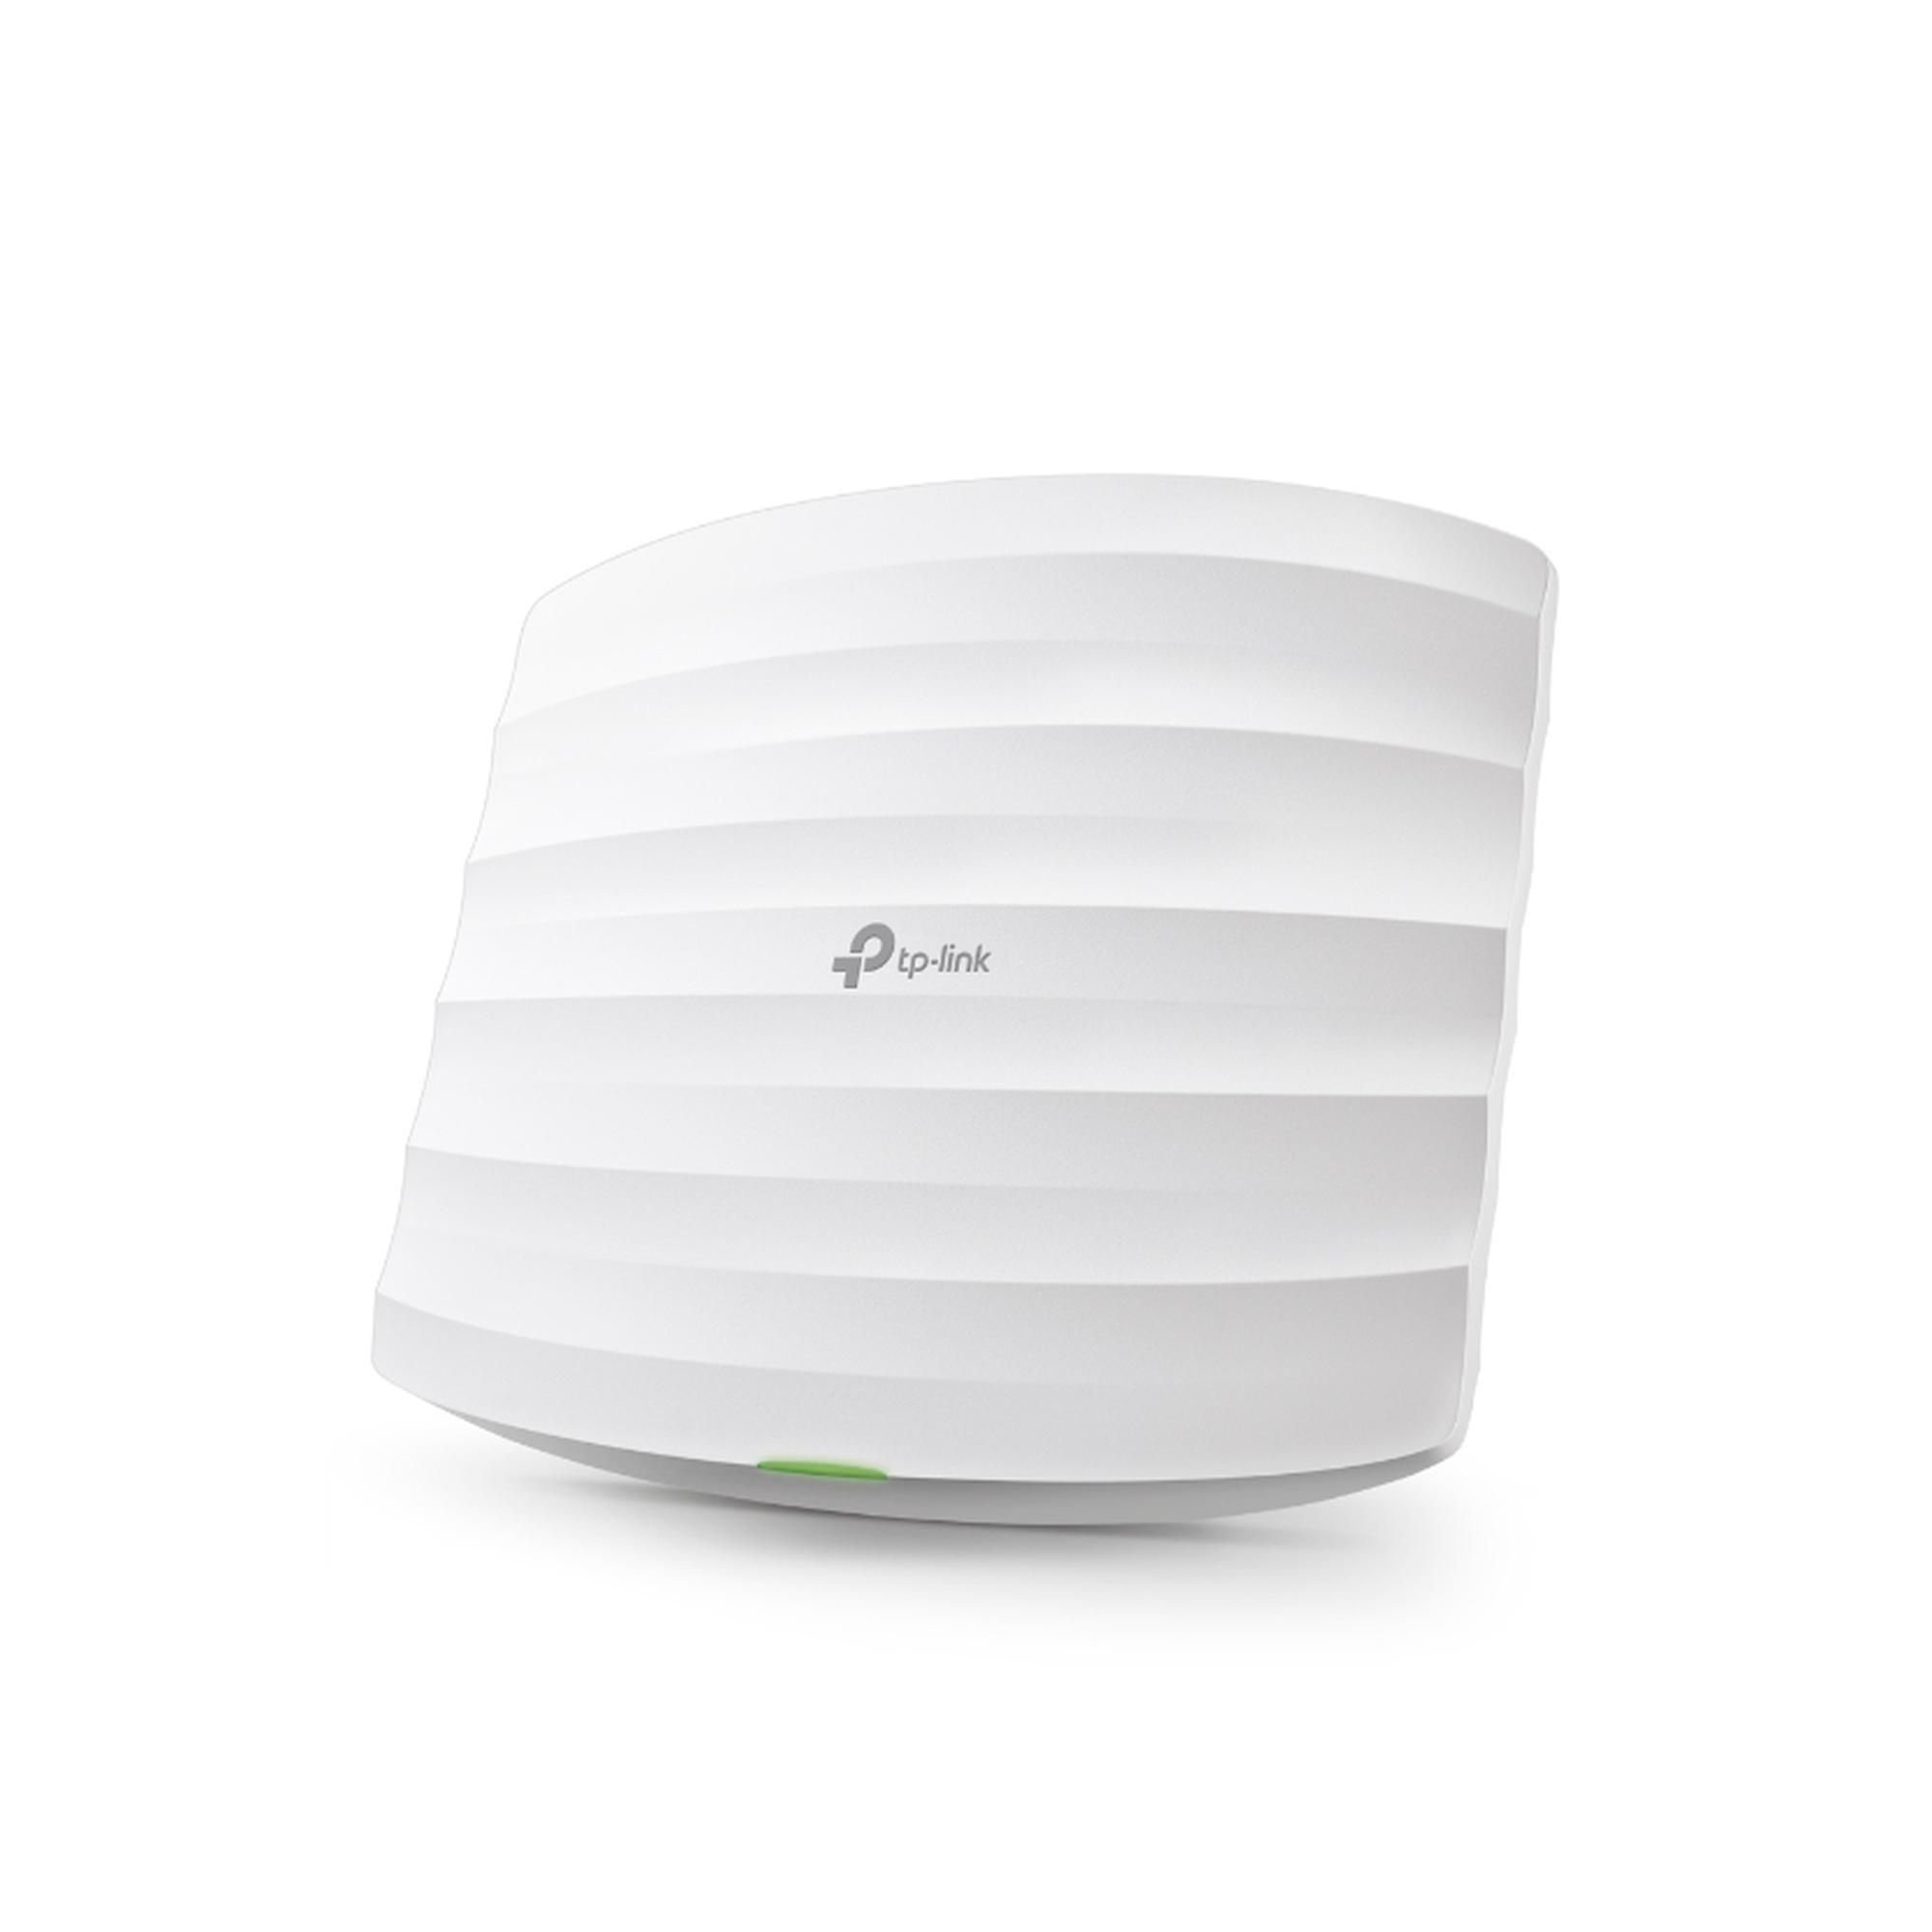 Punto de Acceso Omada de alta densidad, doble banda 802.11ac, MU-MIMO, PoE af y PoE Pasivo, 3 antenas internas, soporta hasta 500 clientes, hasta 1750 Mbps.